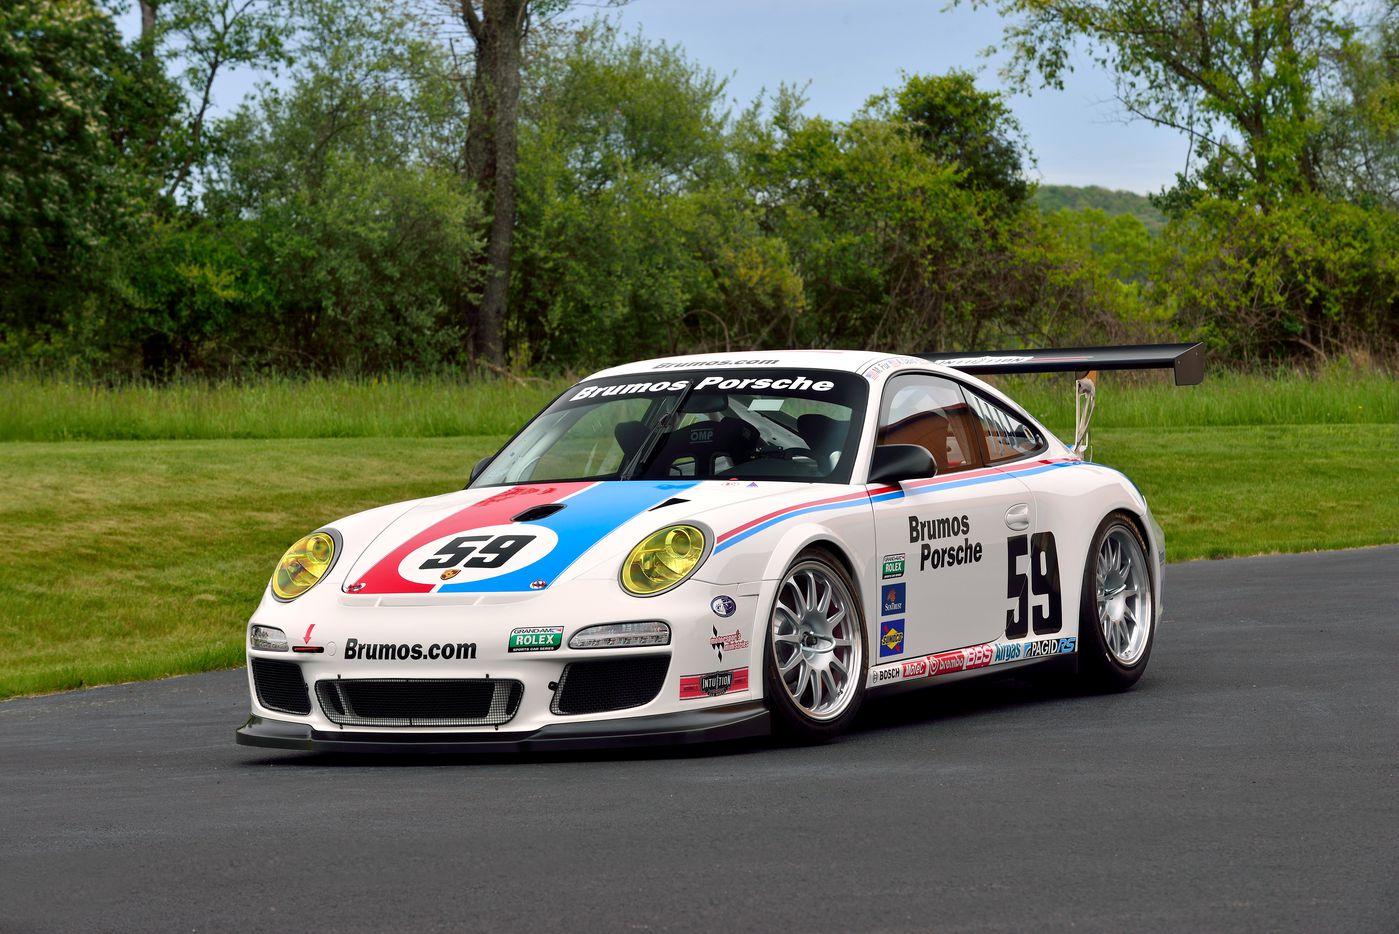 Lot S150 2012 Porsche 911 GT3 Cup 4.0 (Mecum)